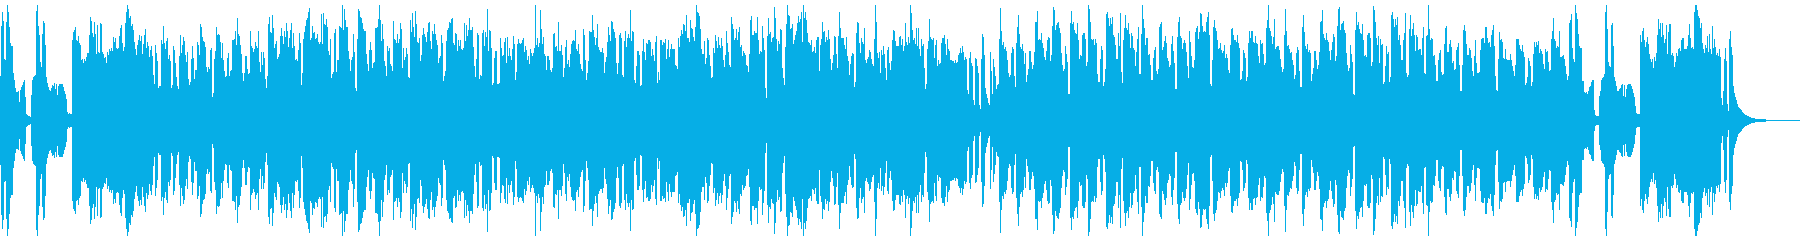 三拍子のちんどん屋BGMトトロちっくの再生済みの波形